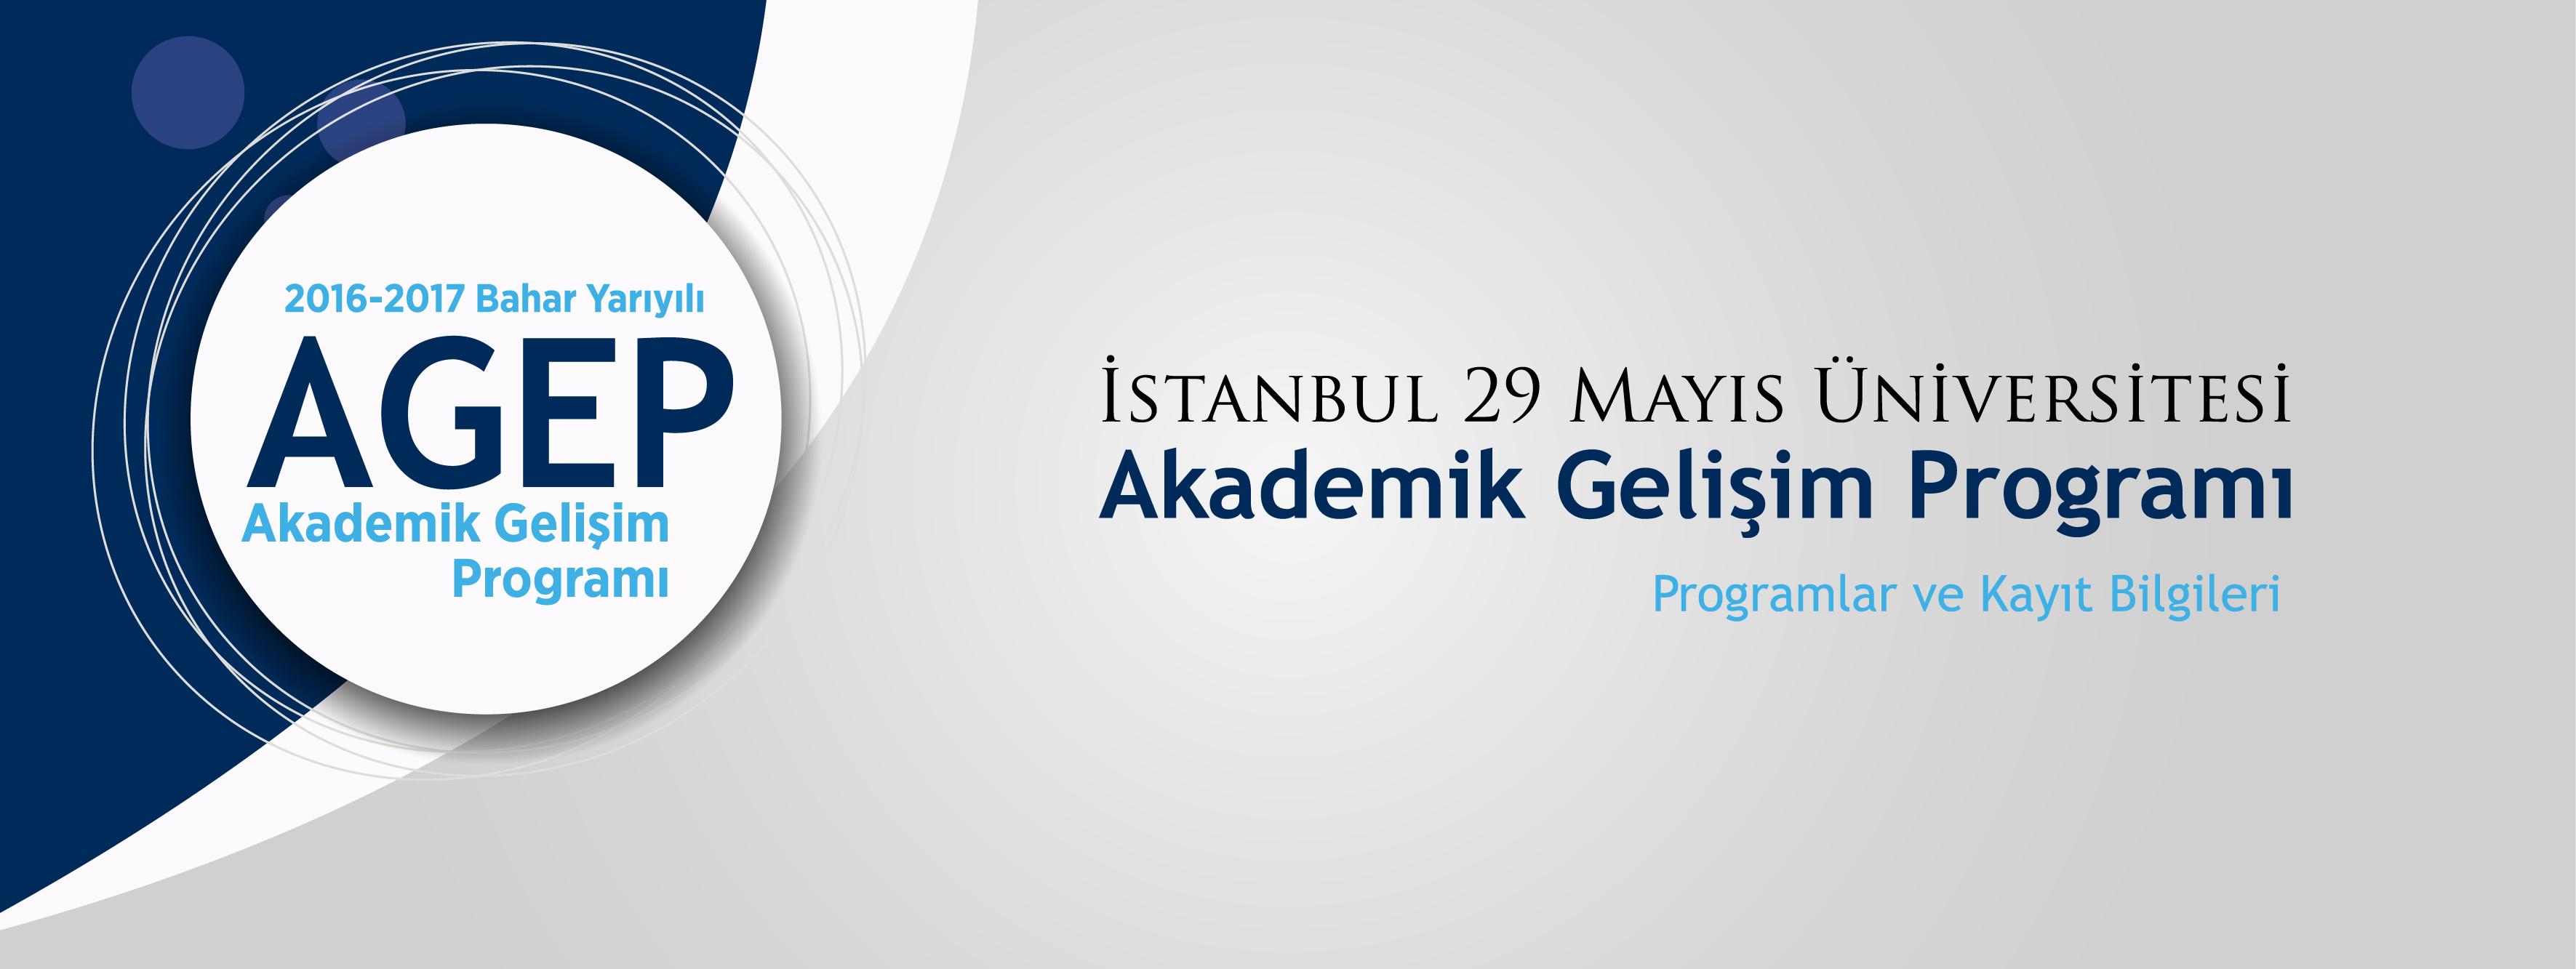 2016-2017 Akademik Yılı Bahar Yarıyılı Akademik Gelişim Programı (AGEP)